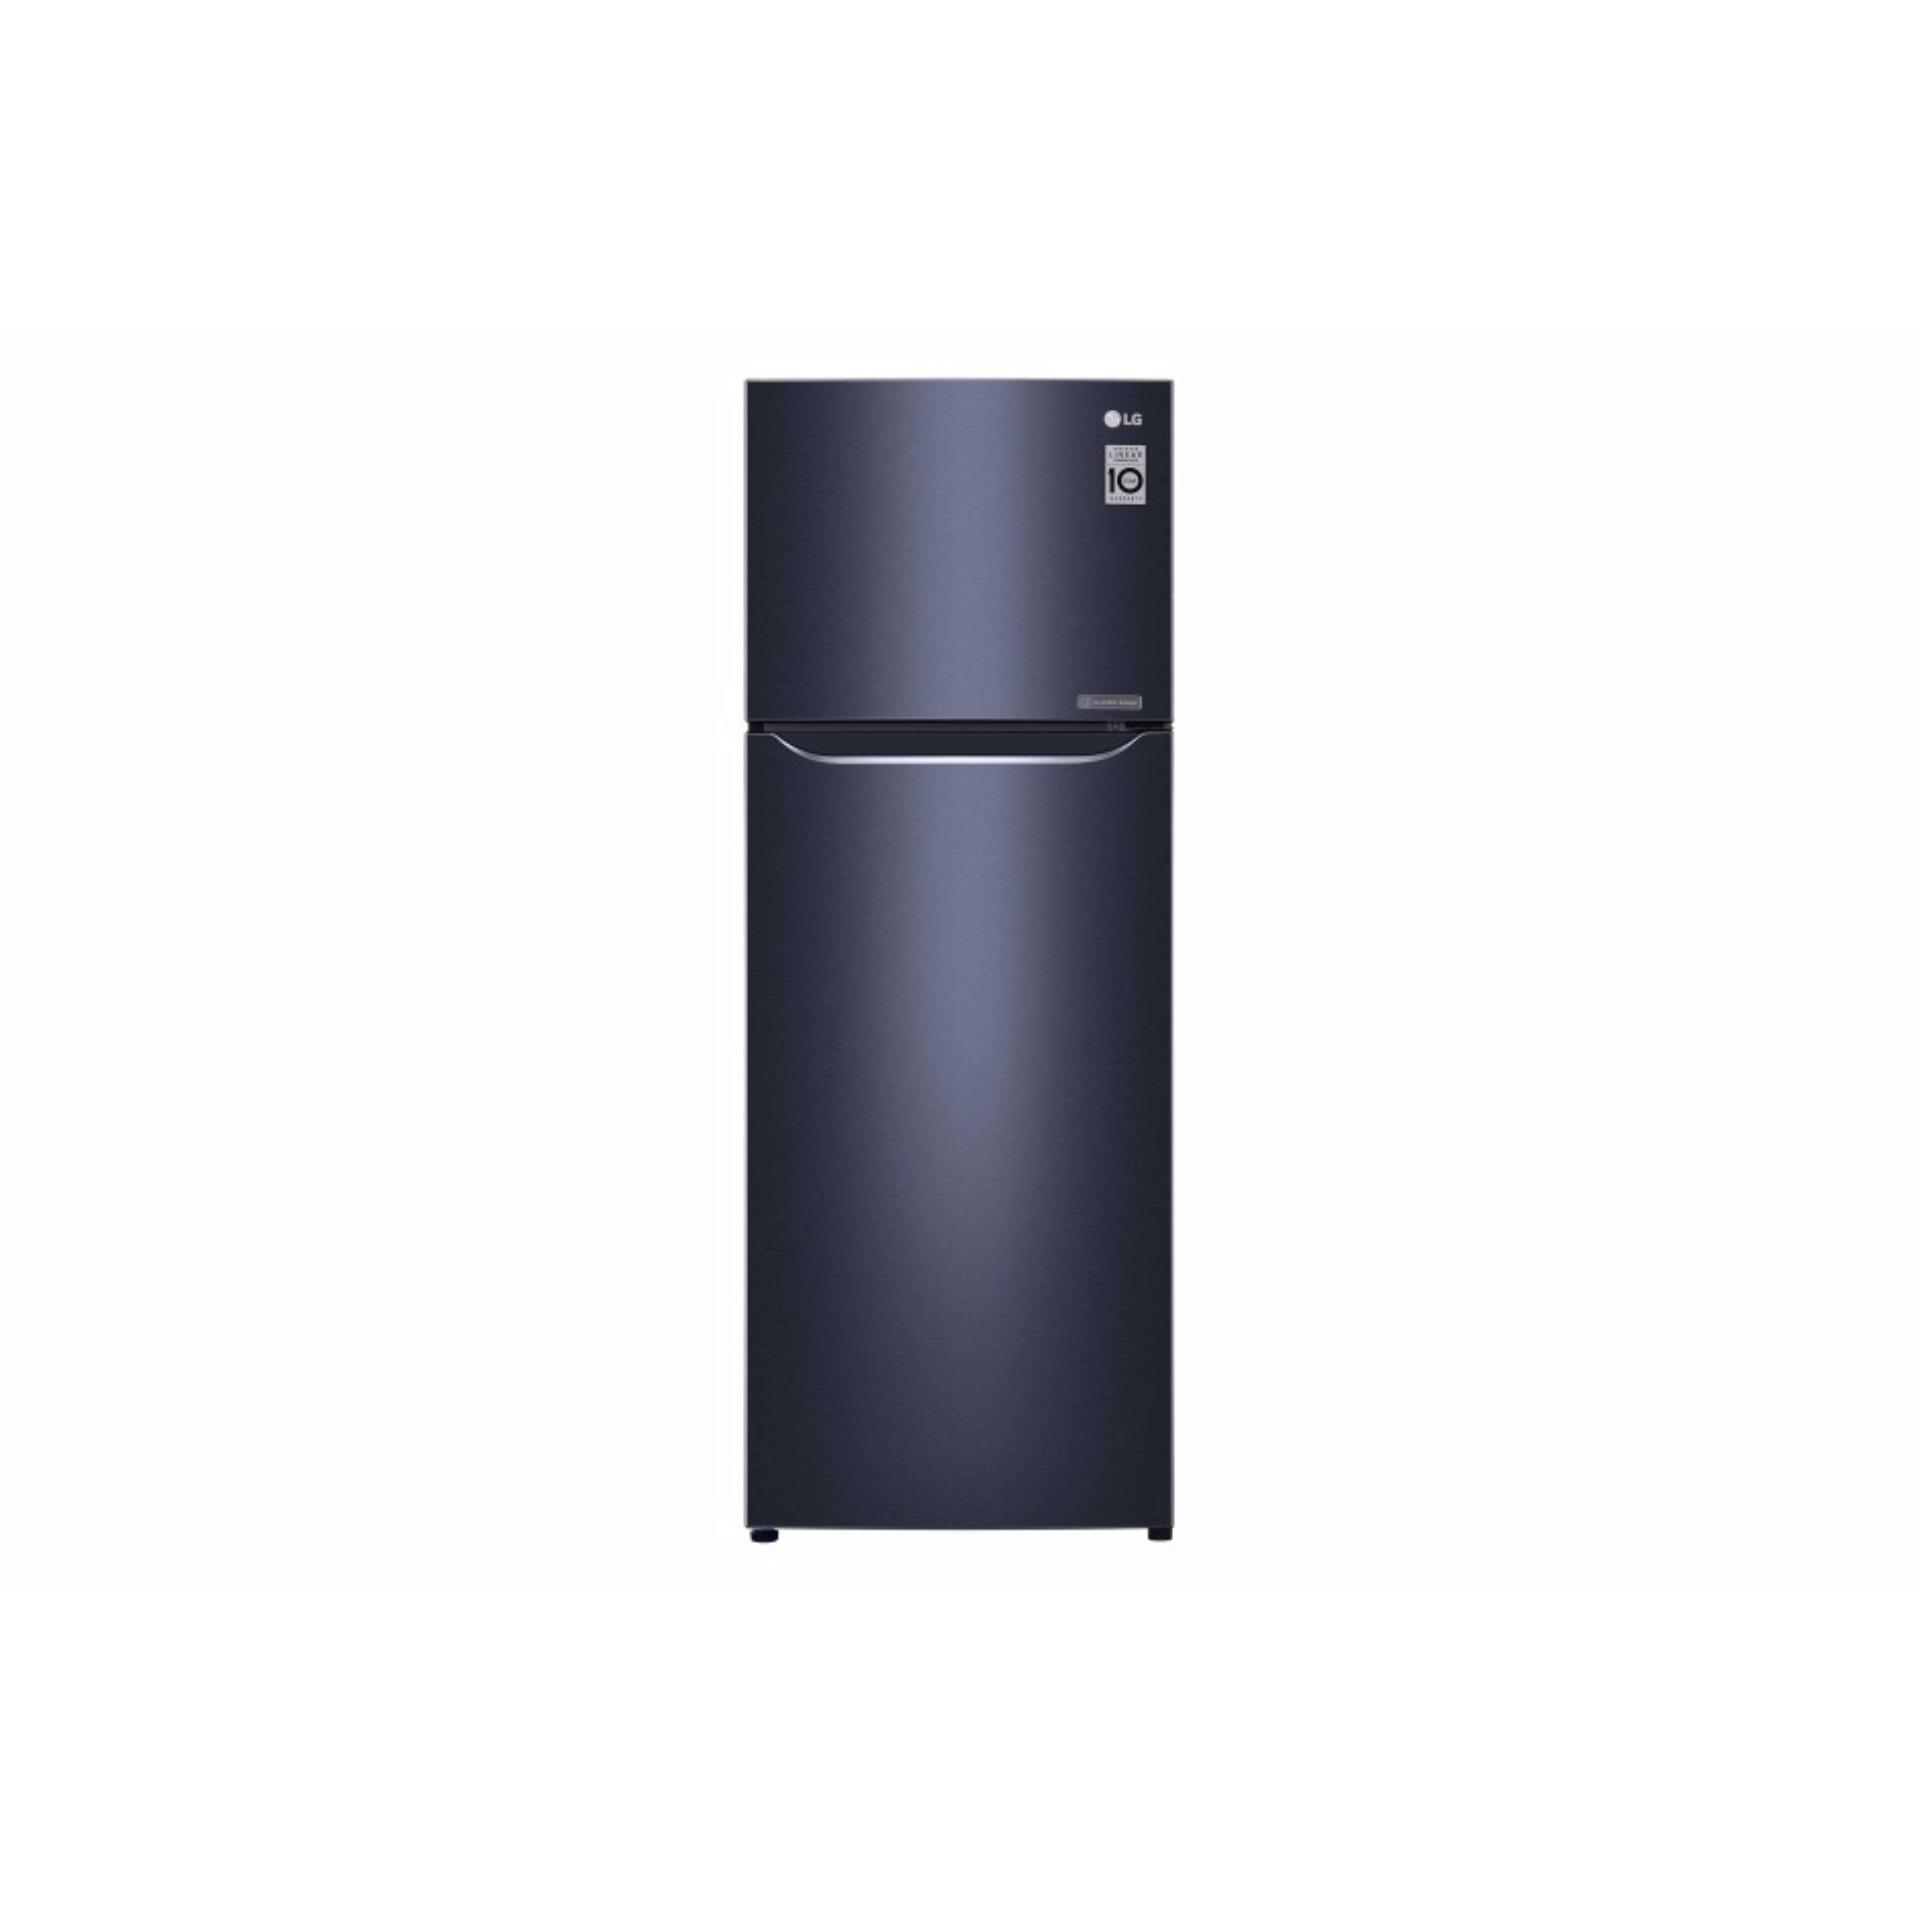 Tủ lạnh LG GN-L208PN (Đen)